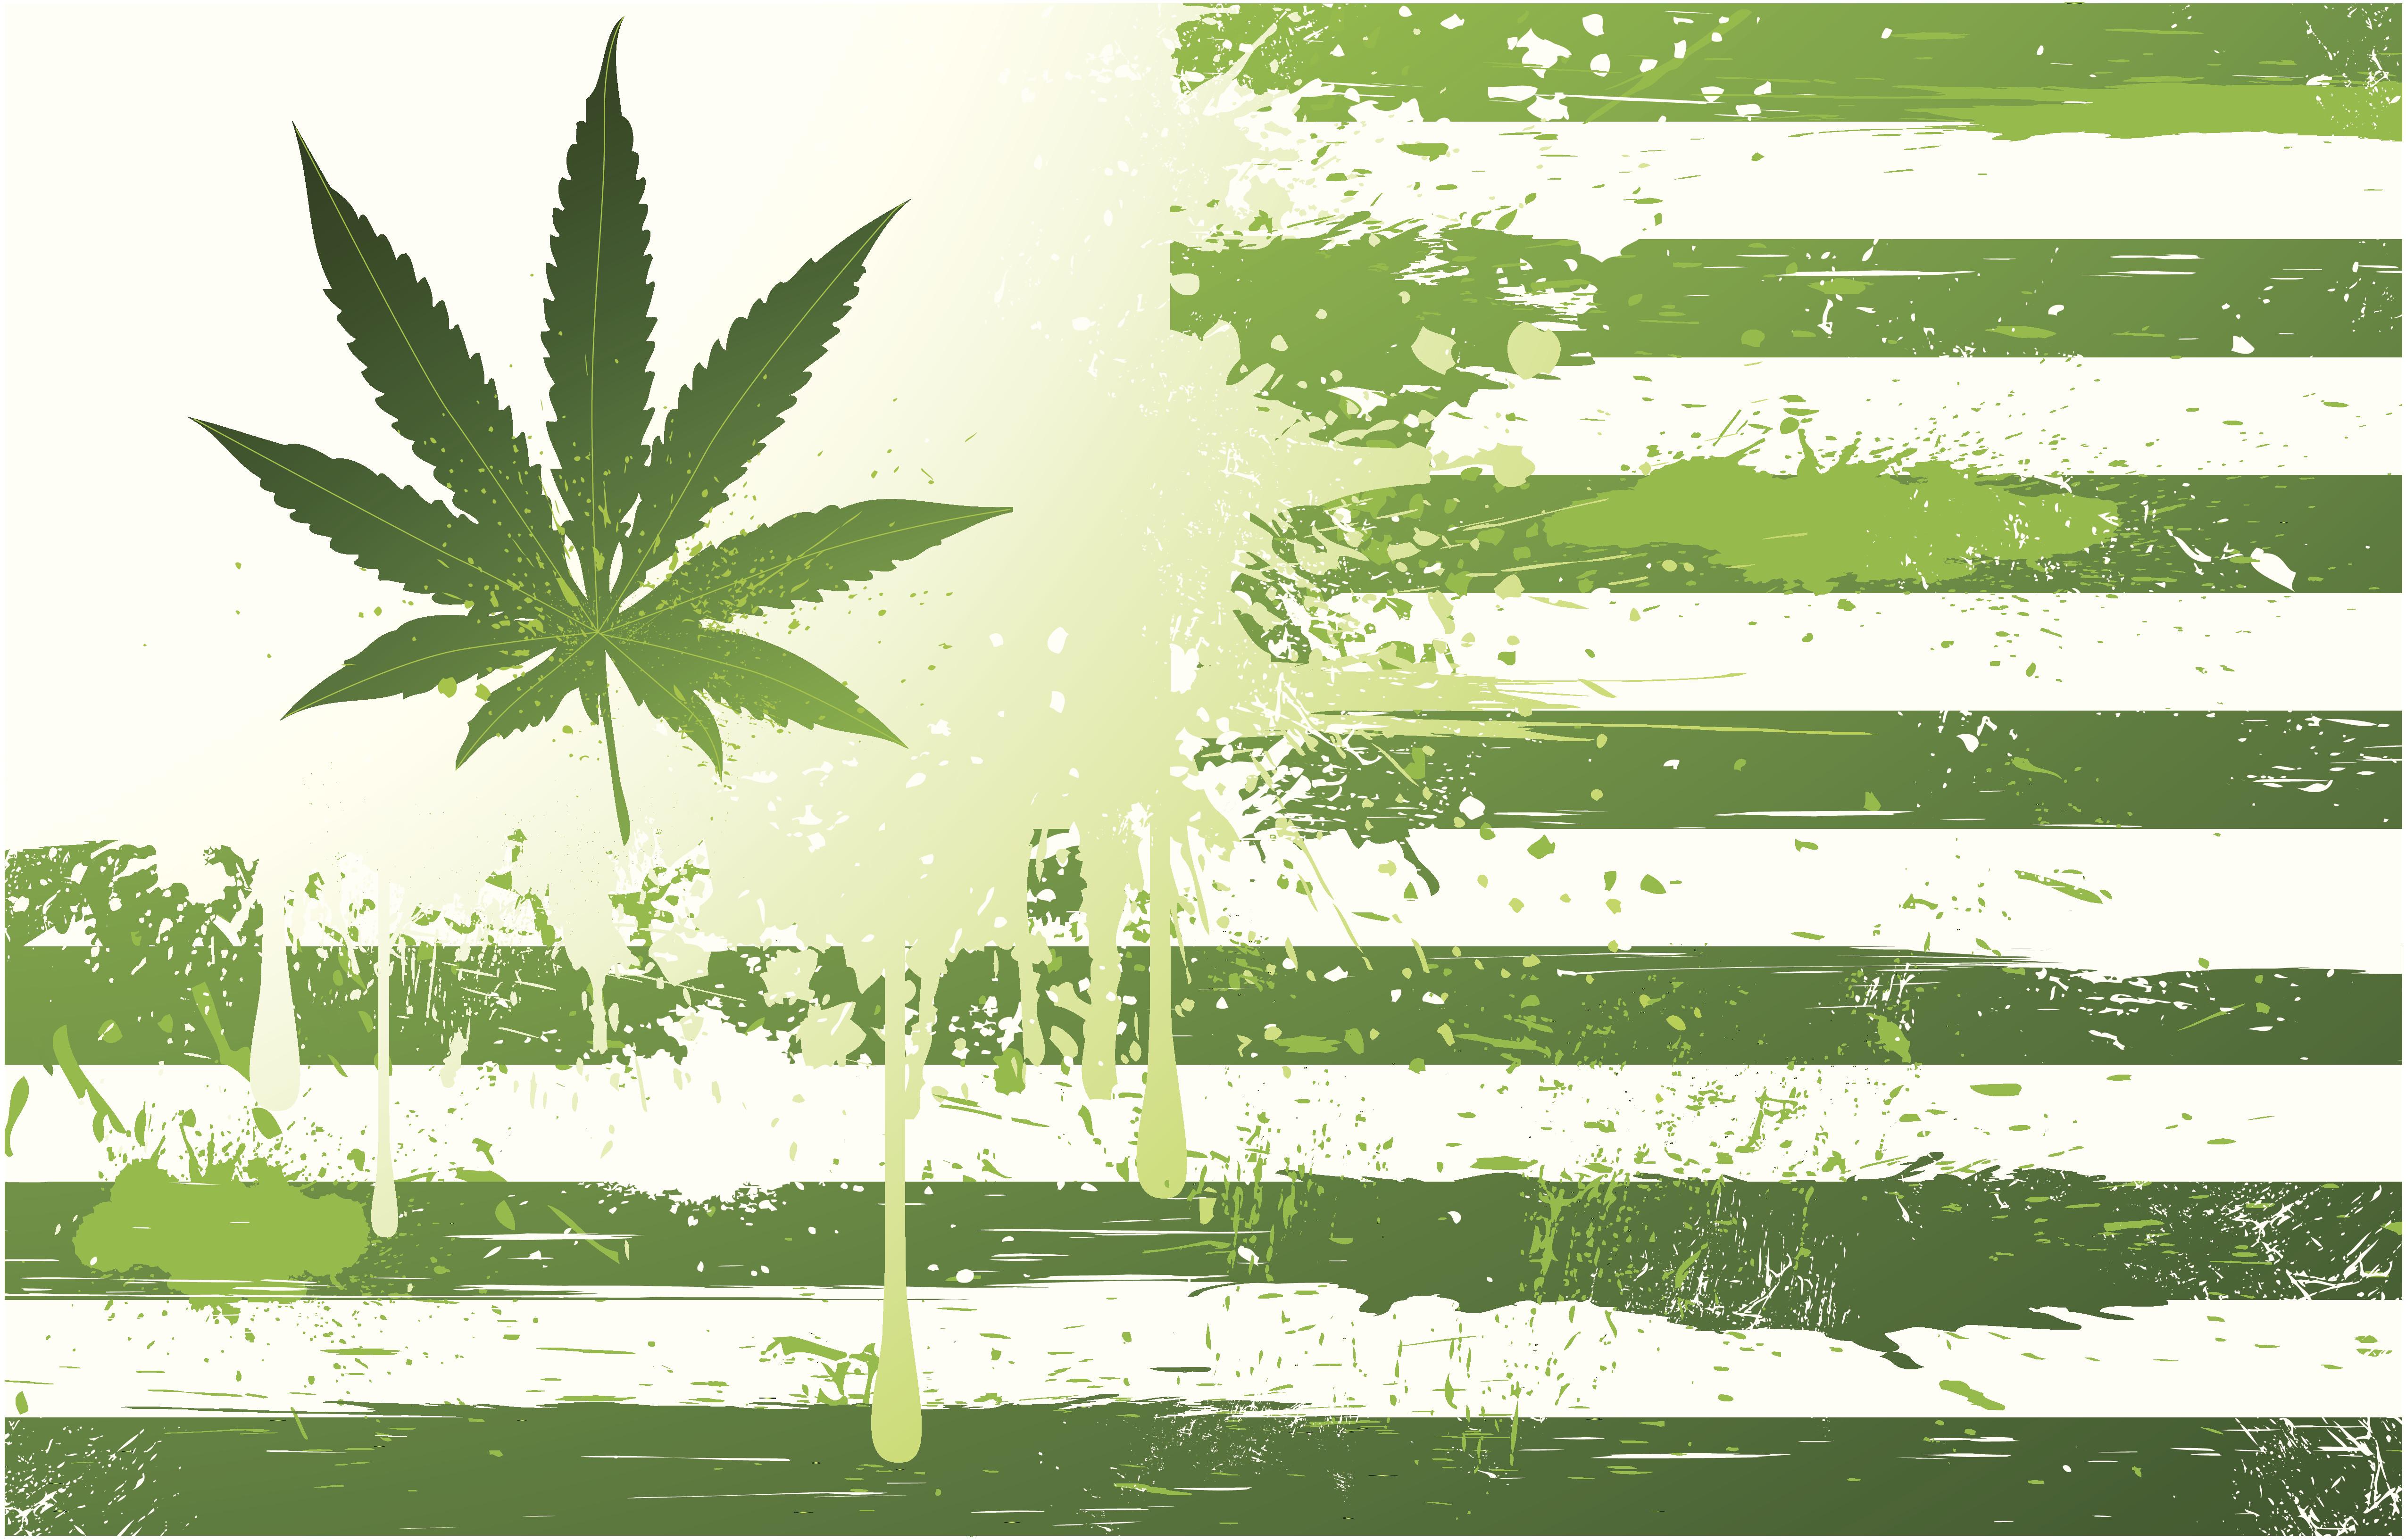 L5 1 - Cannabis nel mondo - legale/illegale